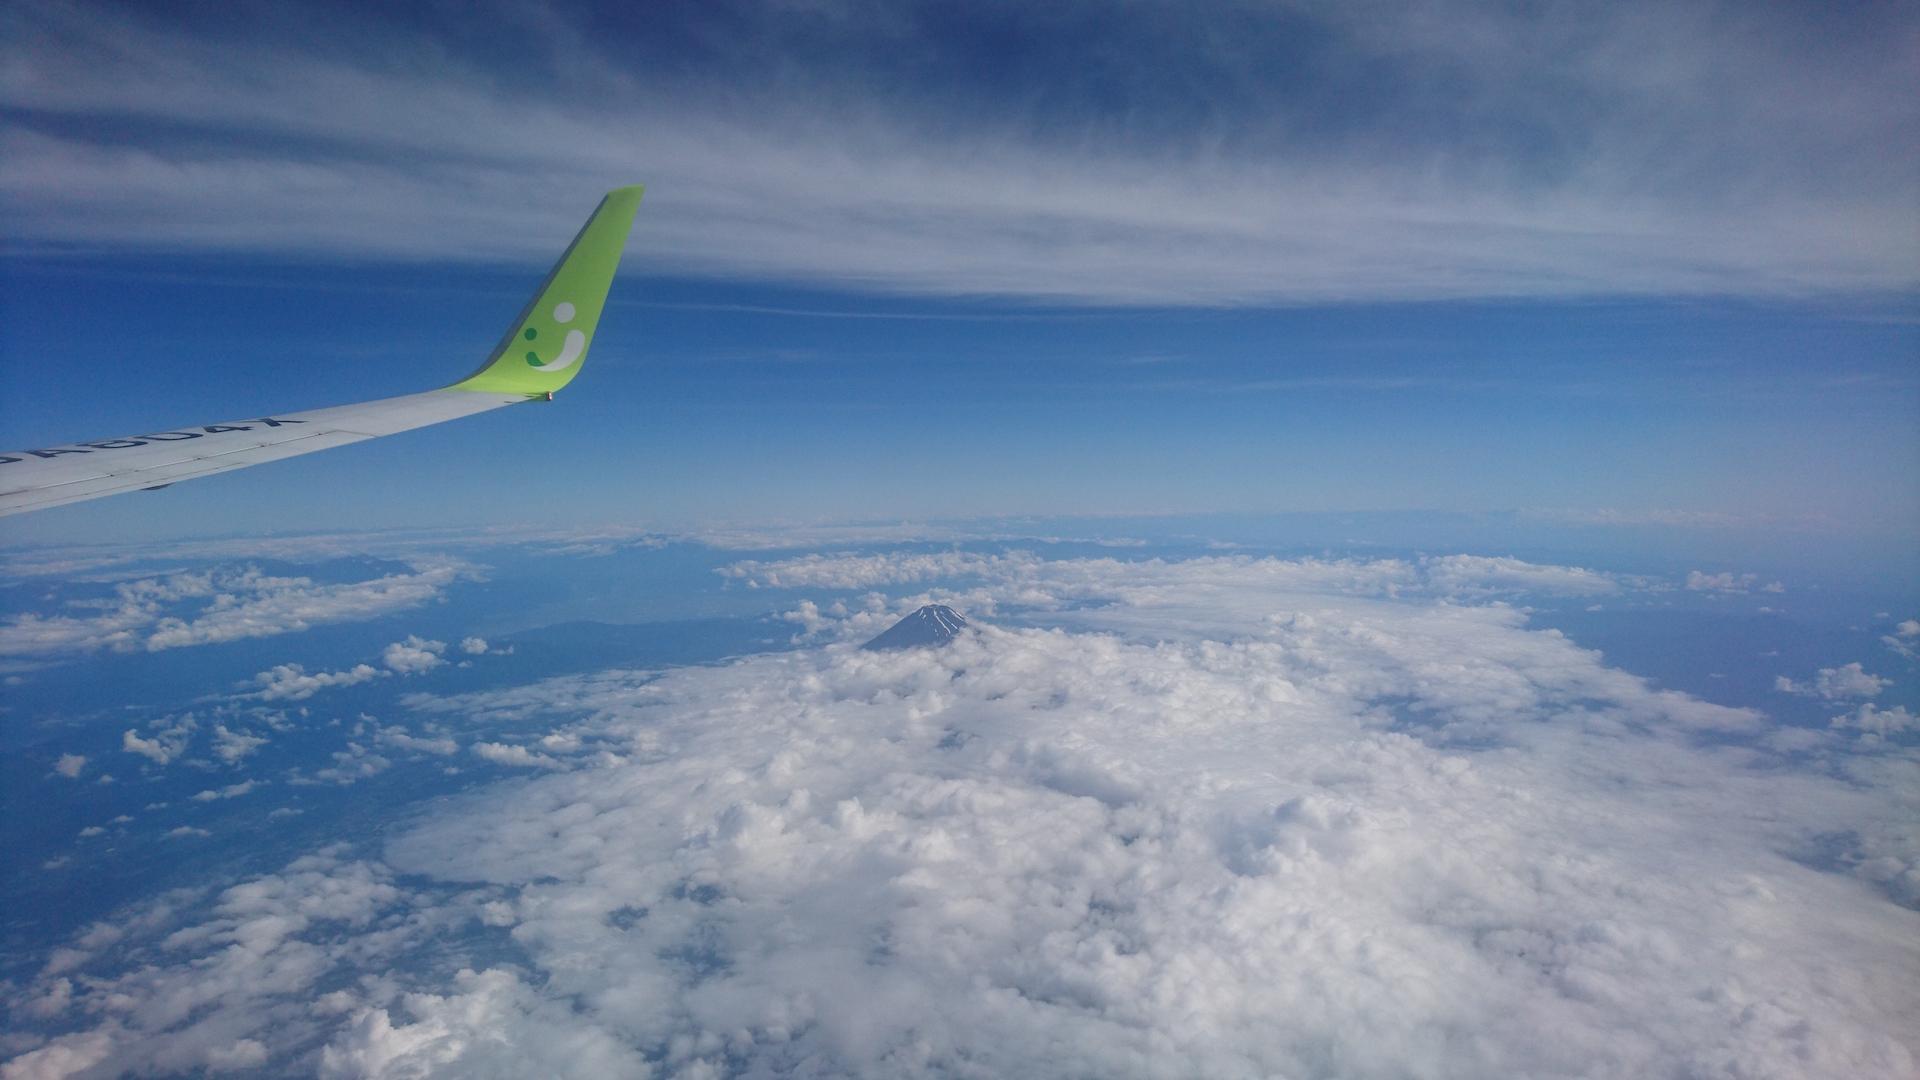 ソラシドエアから富士山チラ見